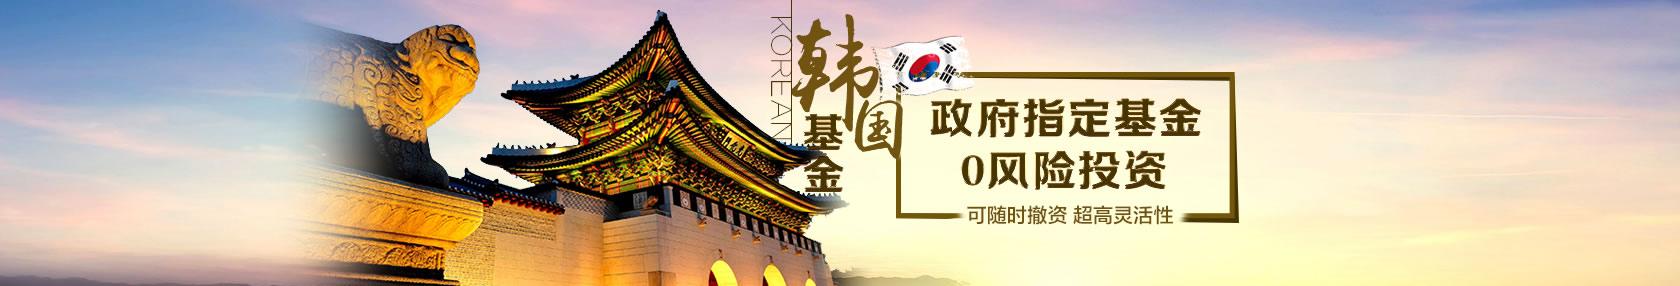 【韩国基金】韩国政府指定基金,0风险投资,灵活可随时撤资。